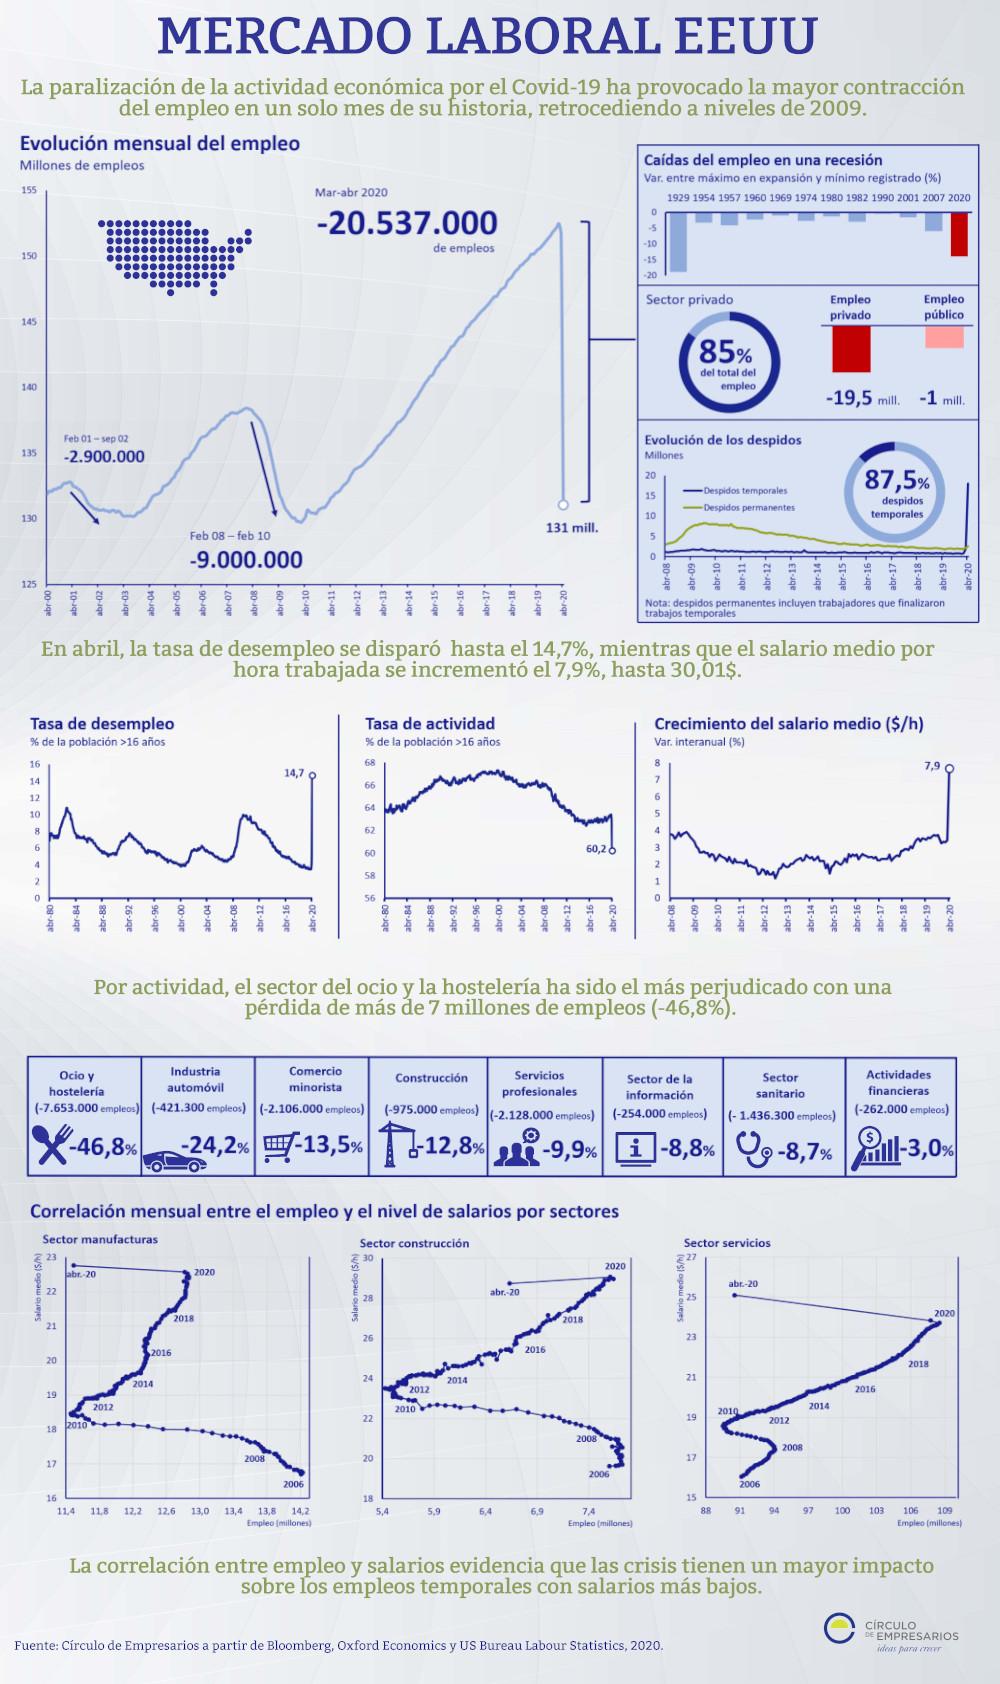 Infografía-Mercado-laboral-EEUU-Mayo-2020-Circulo-de-Empresarios